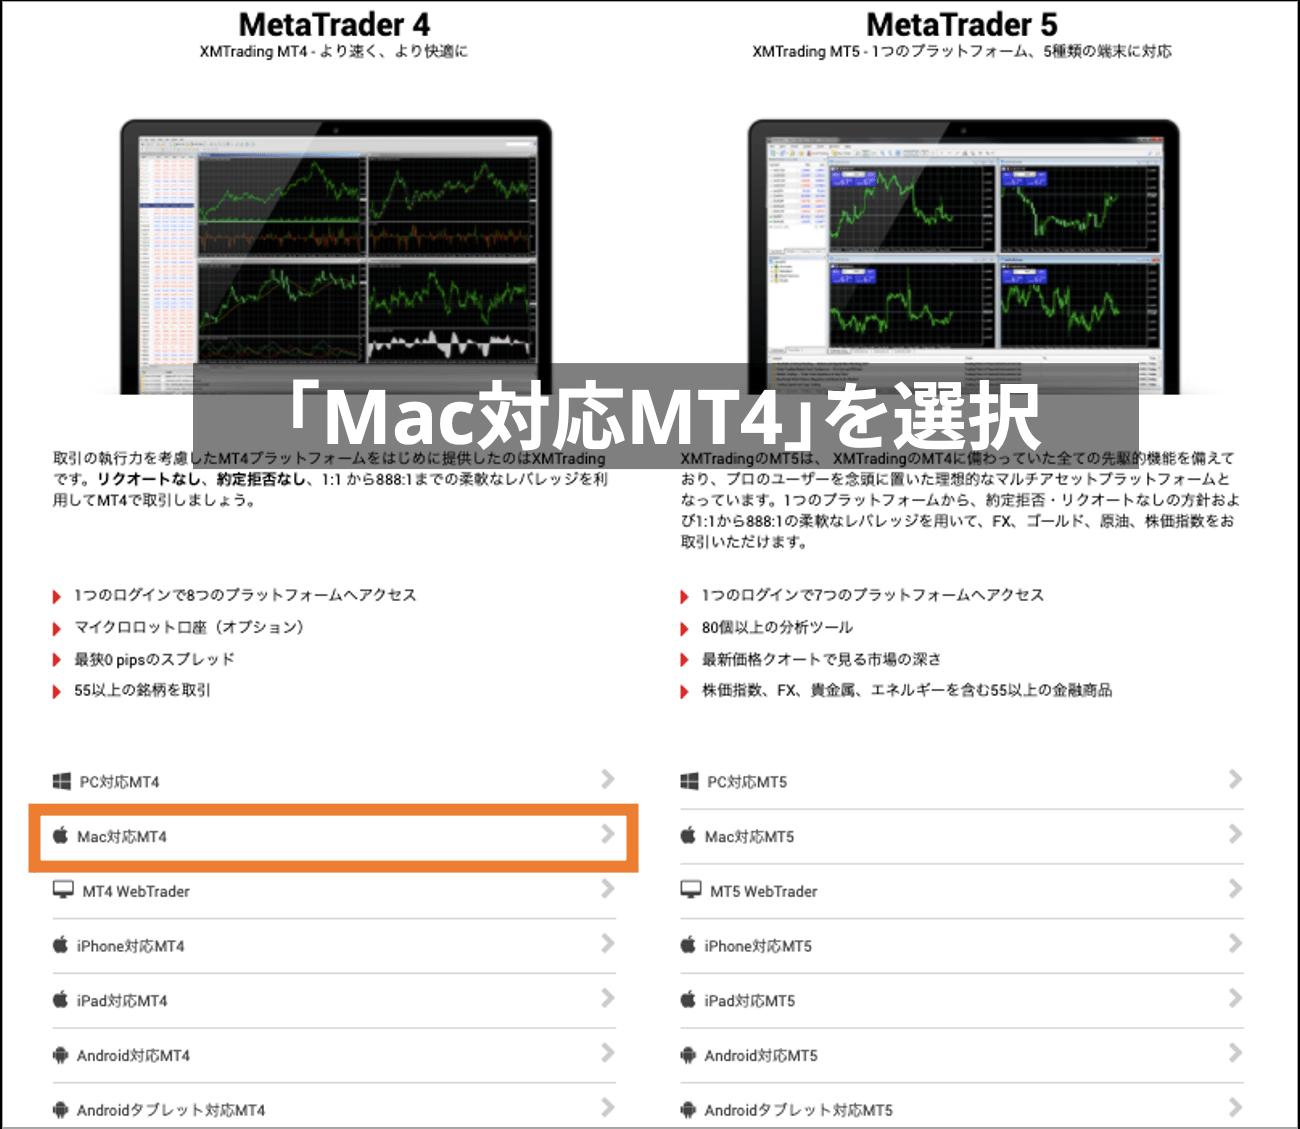 XM Mac対応MT4を選択